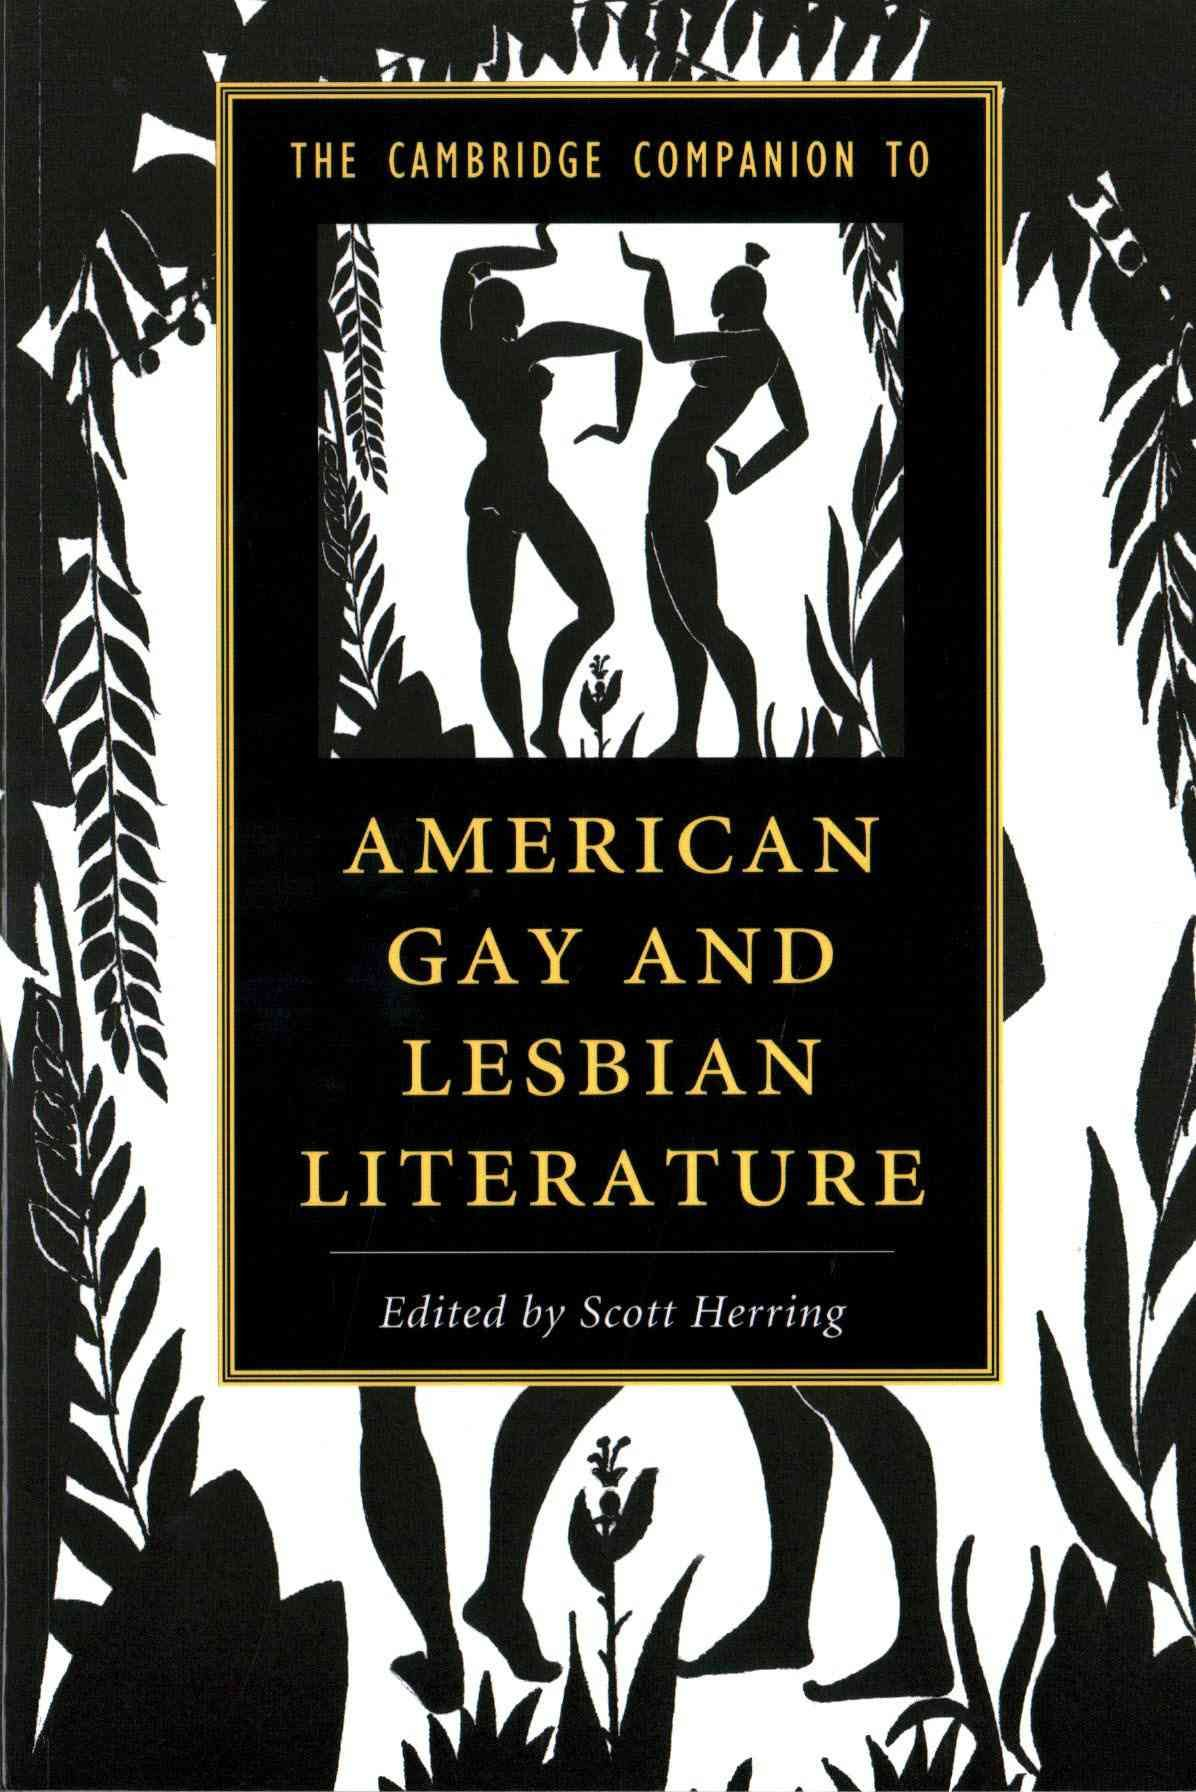 Classic lesbian literature